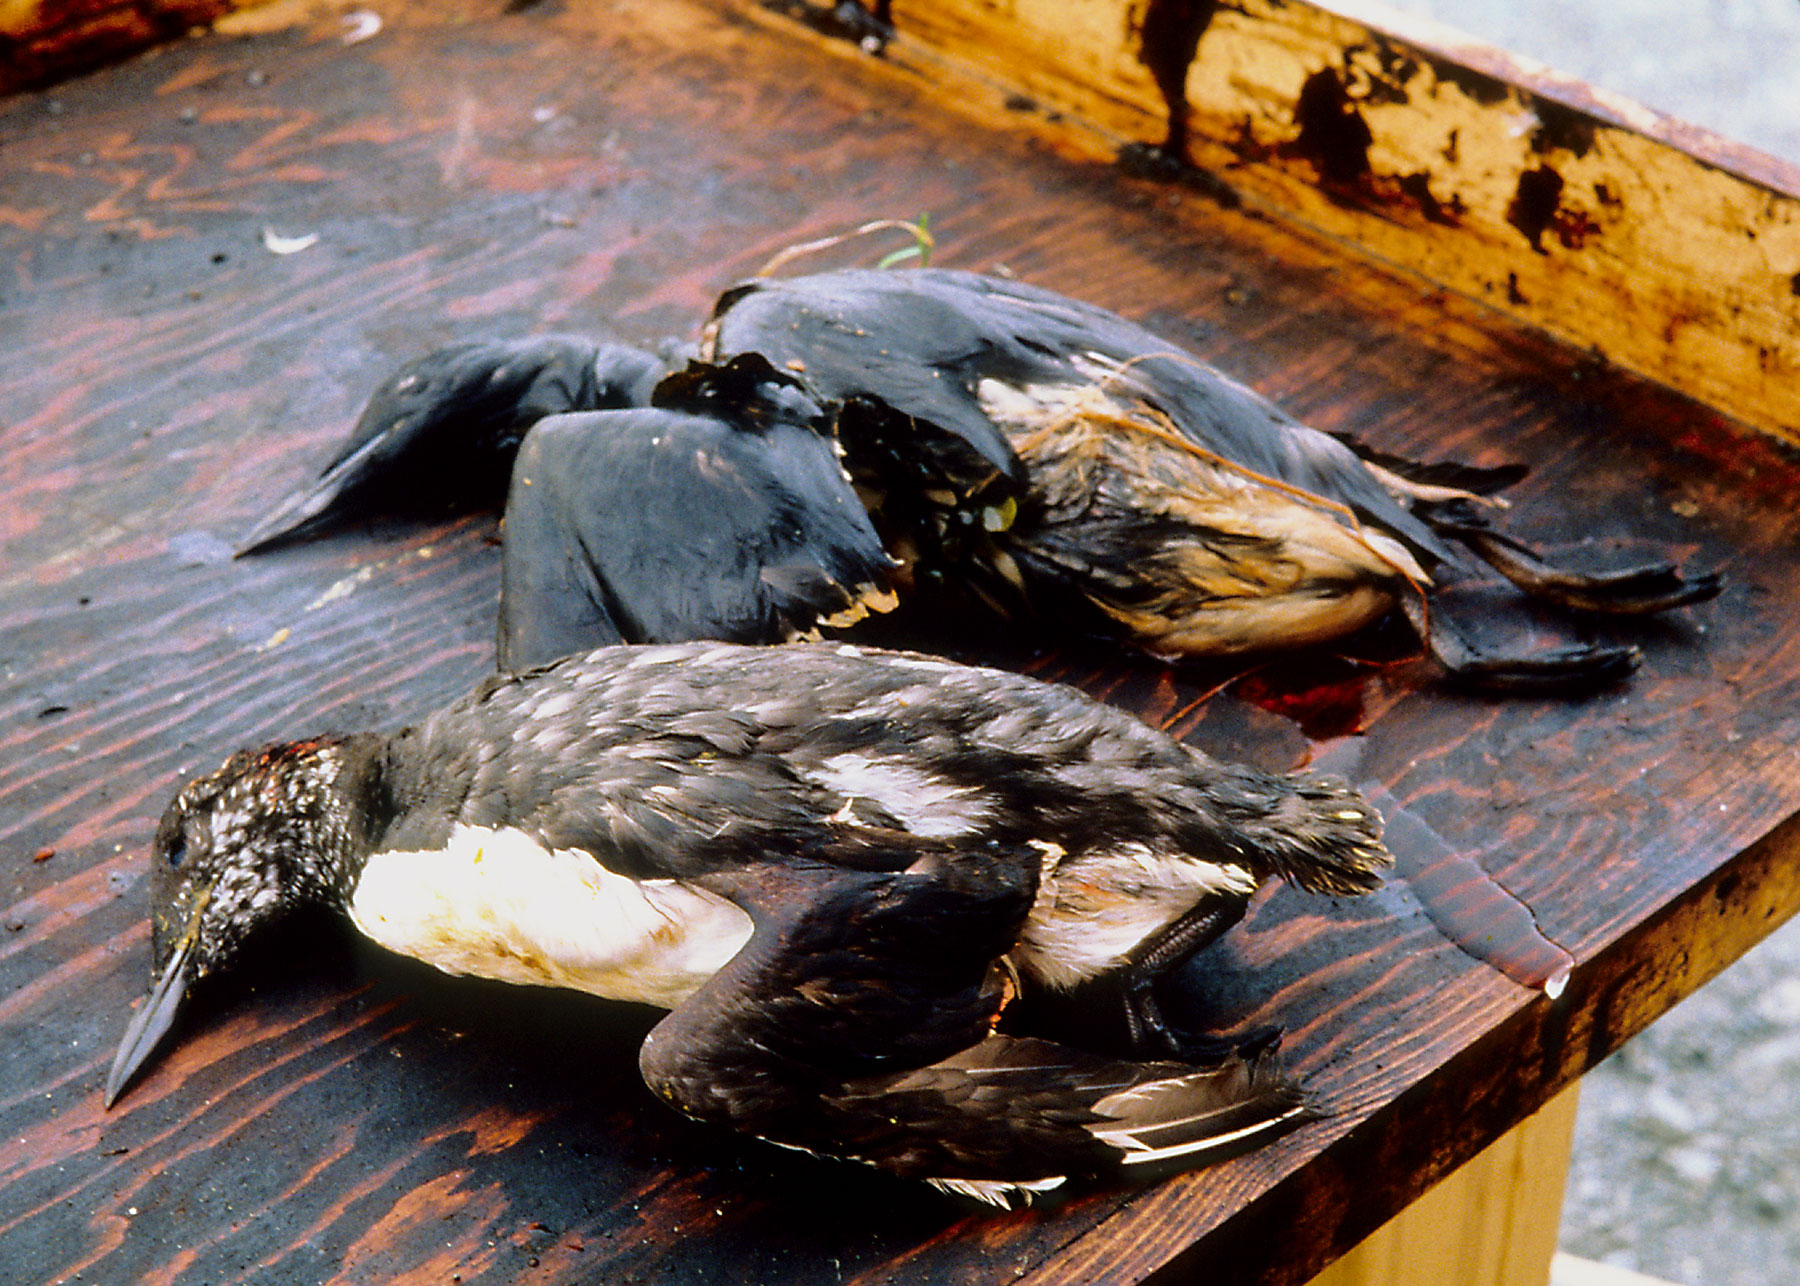 ducks-www-conservationreport.jpg